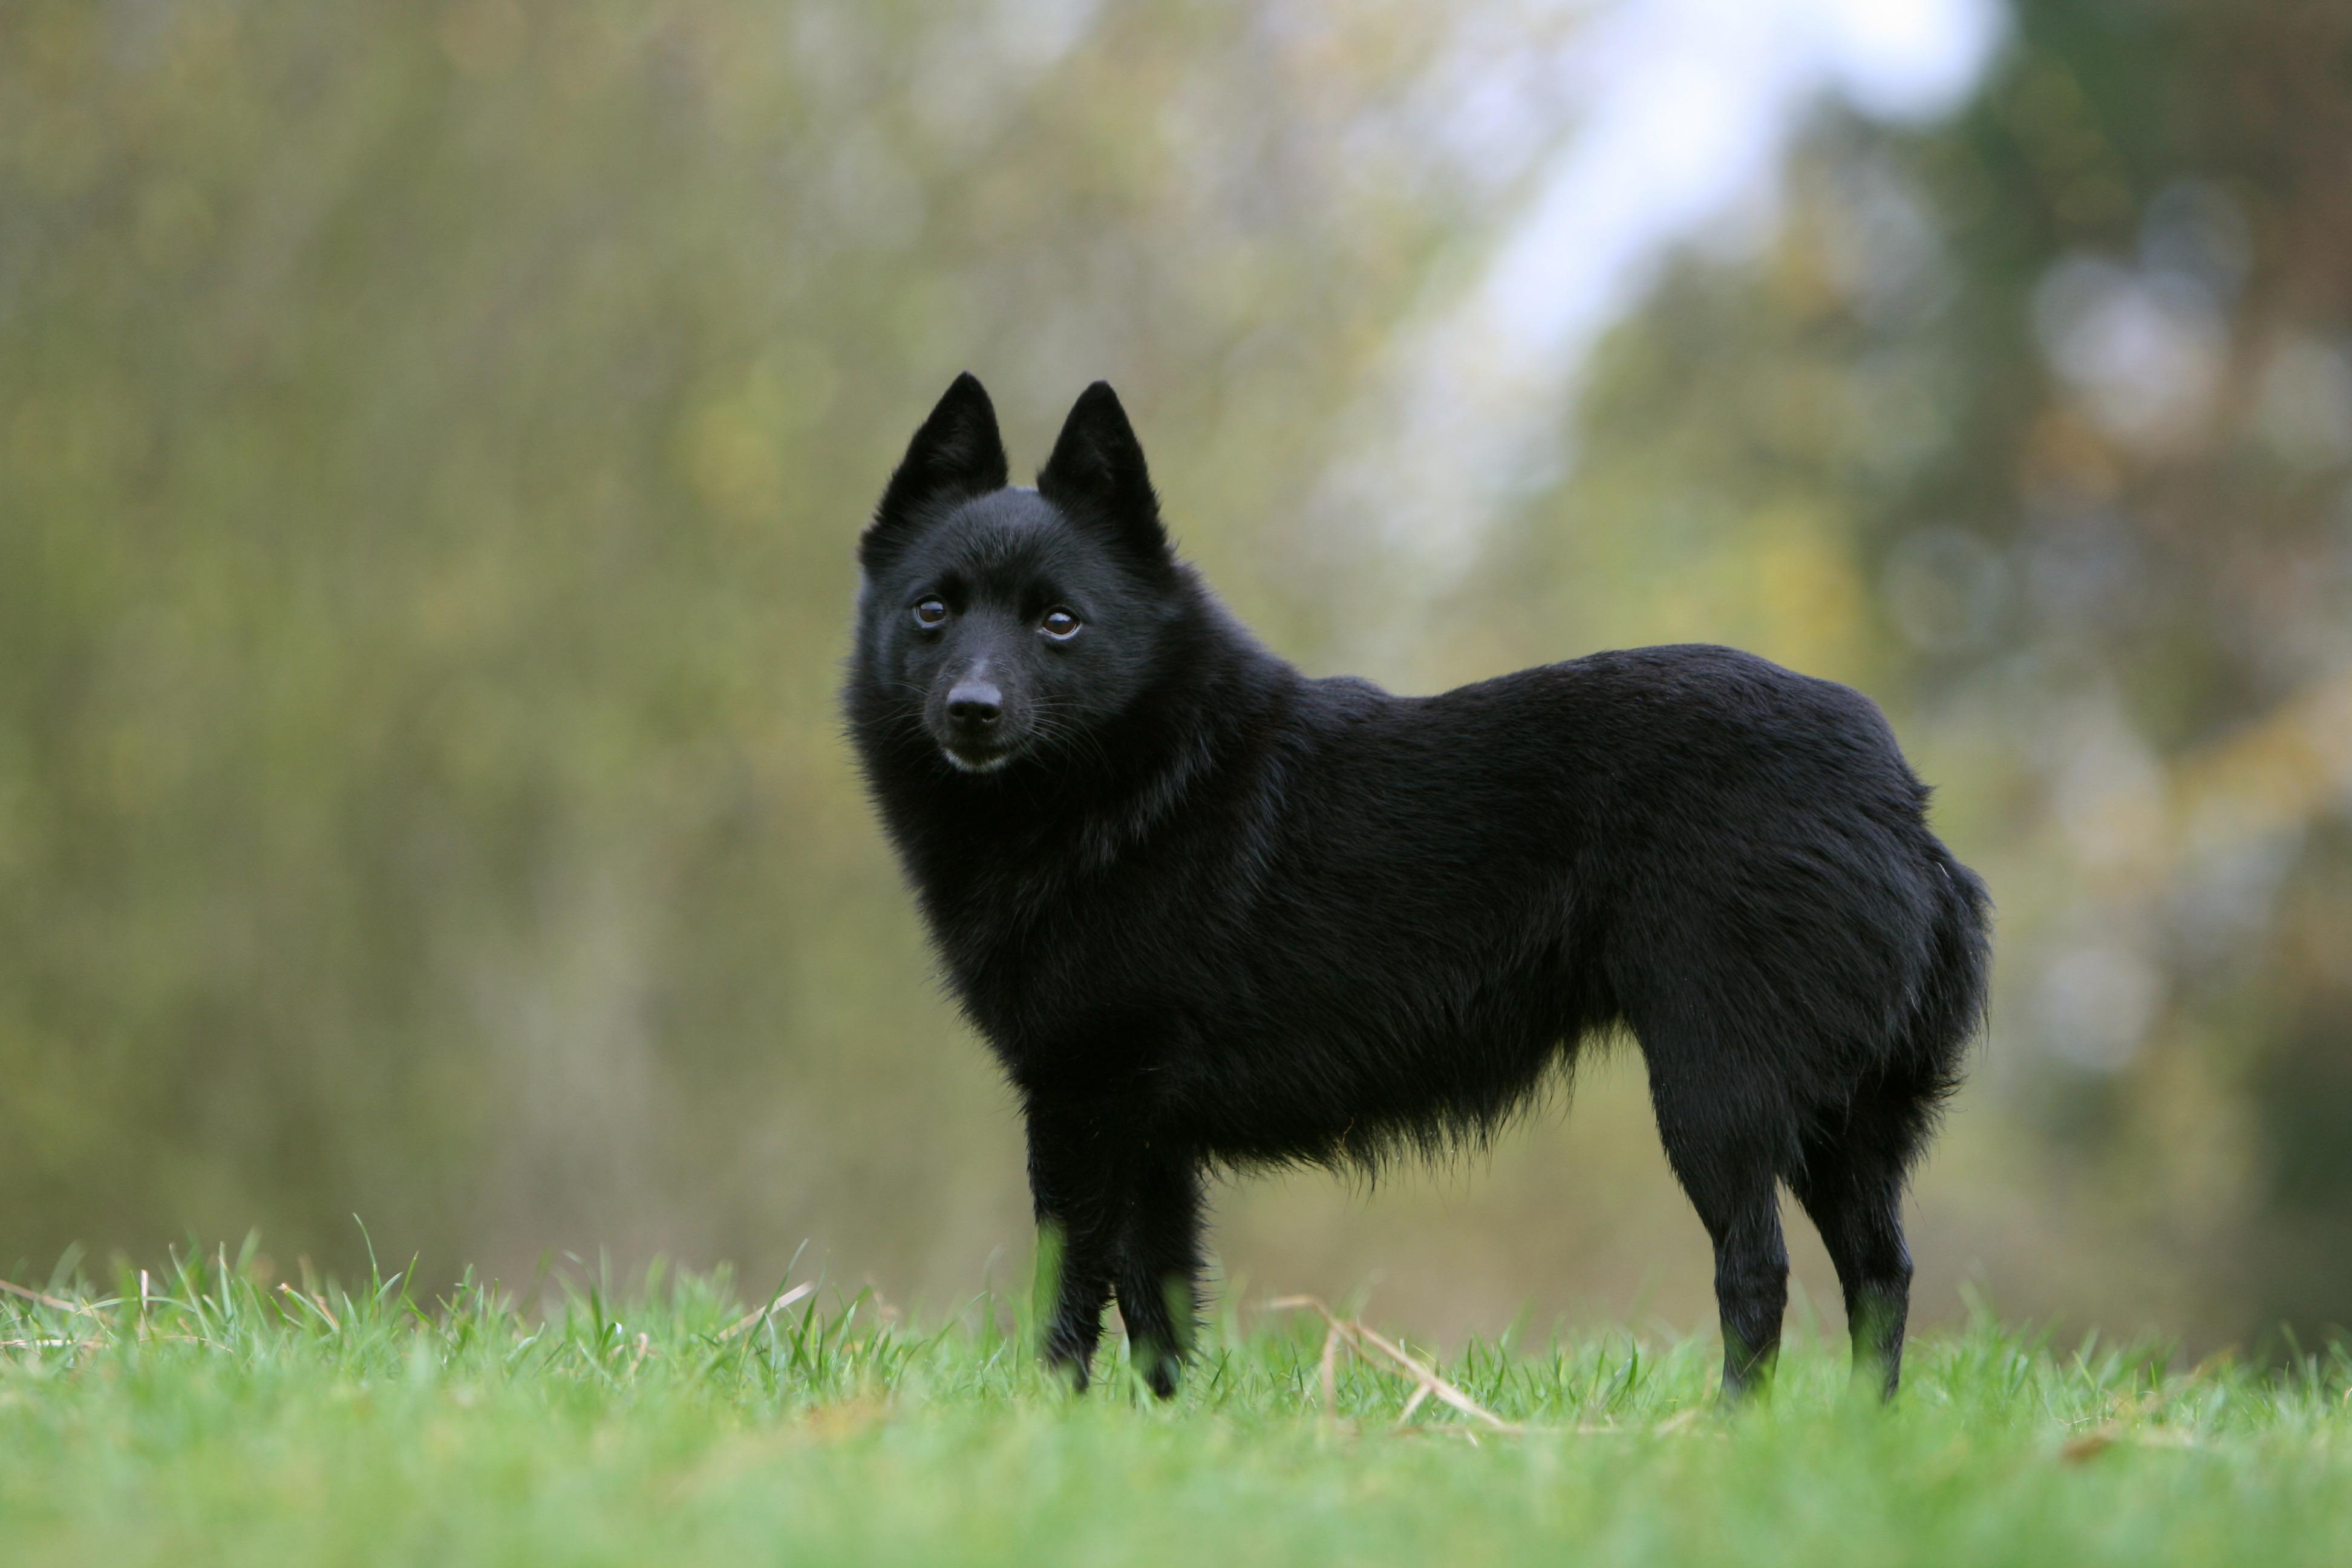 Schipperke dog standing in field.